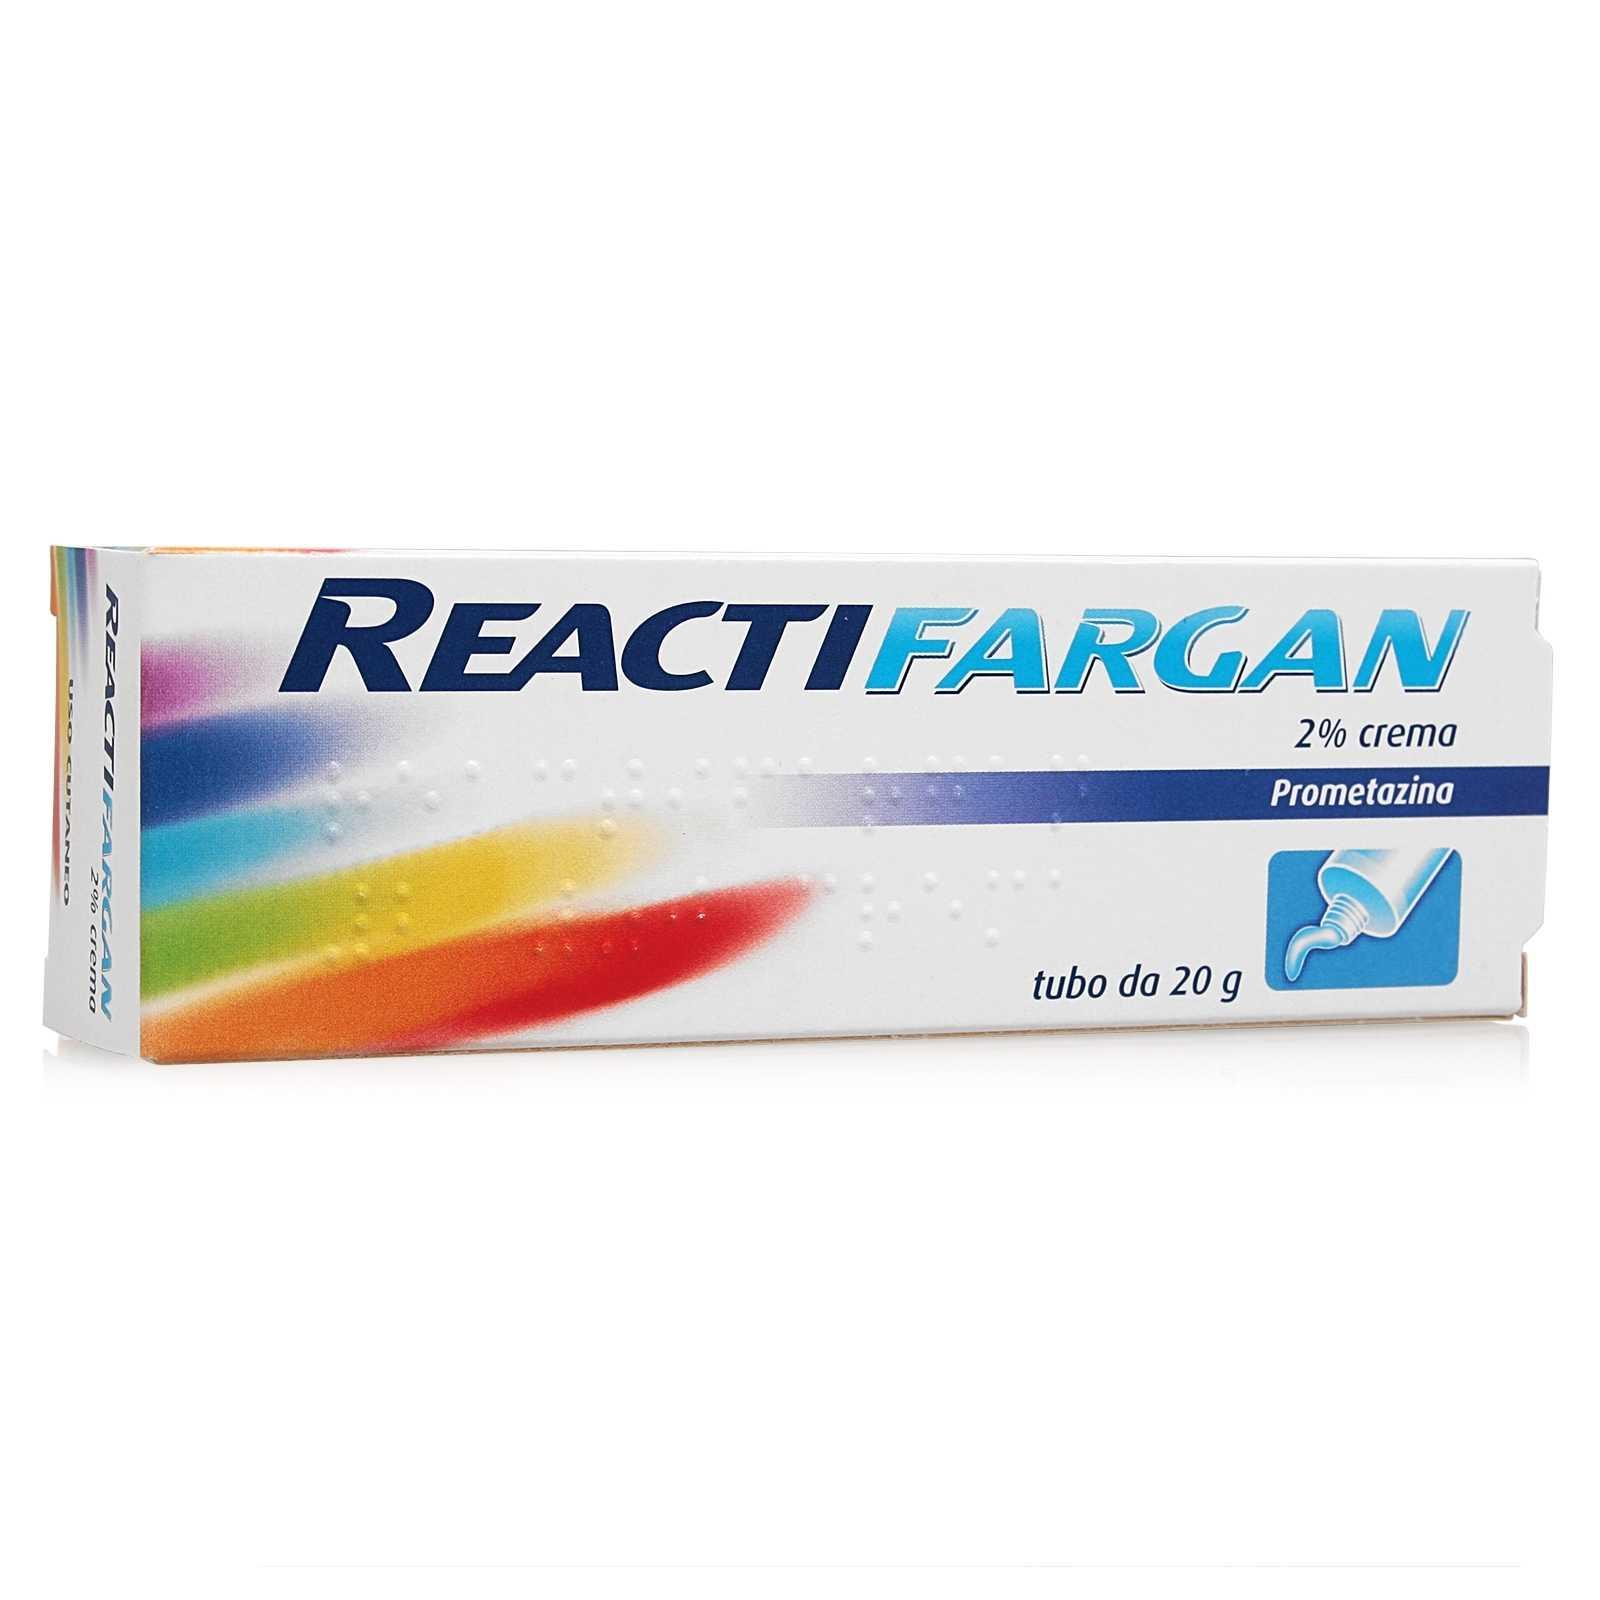 Reactifargan - Crema